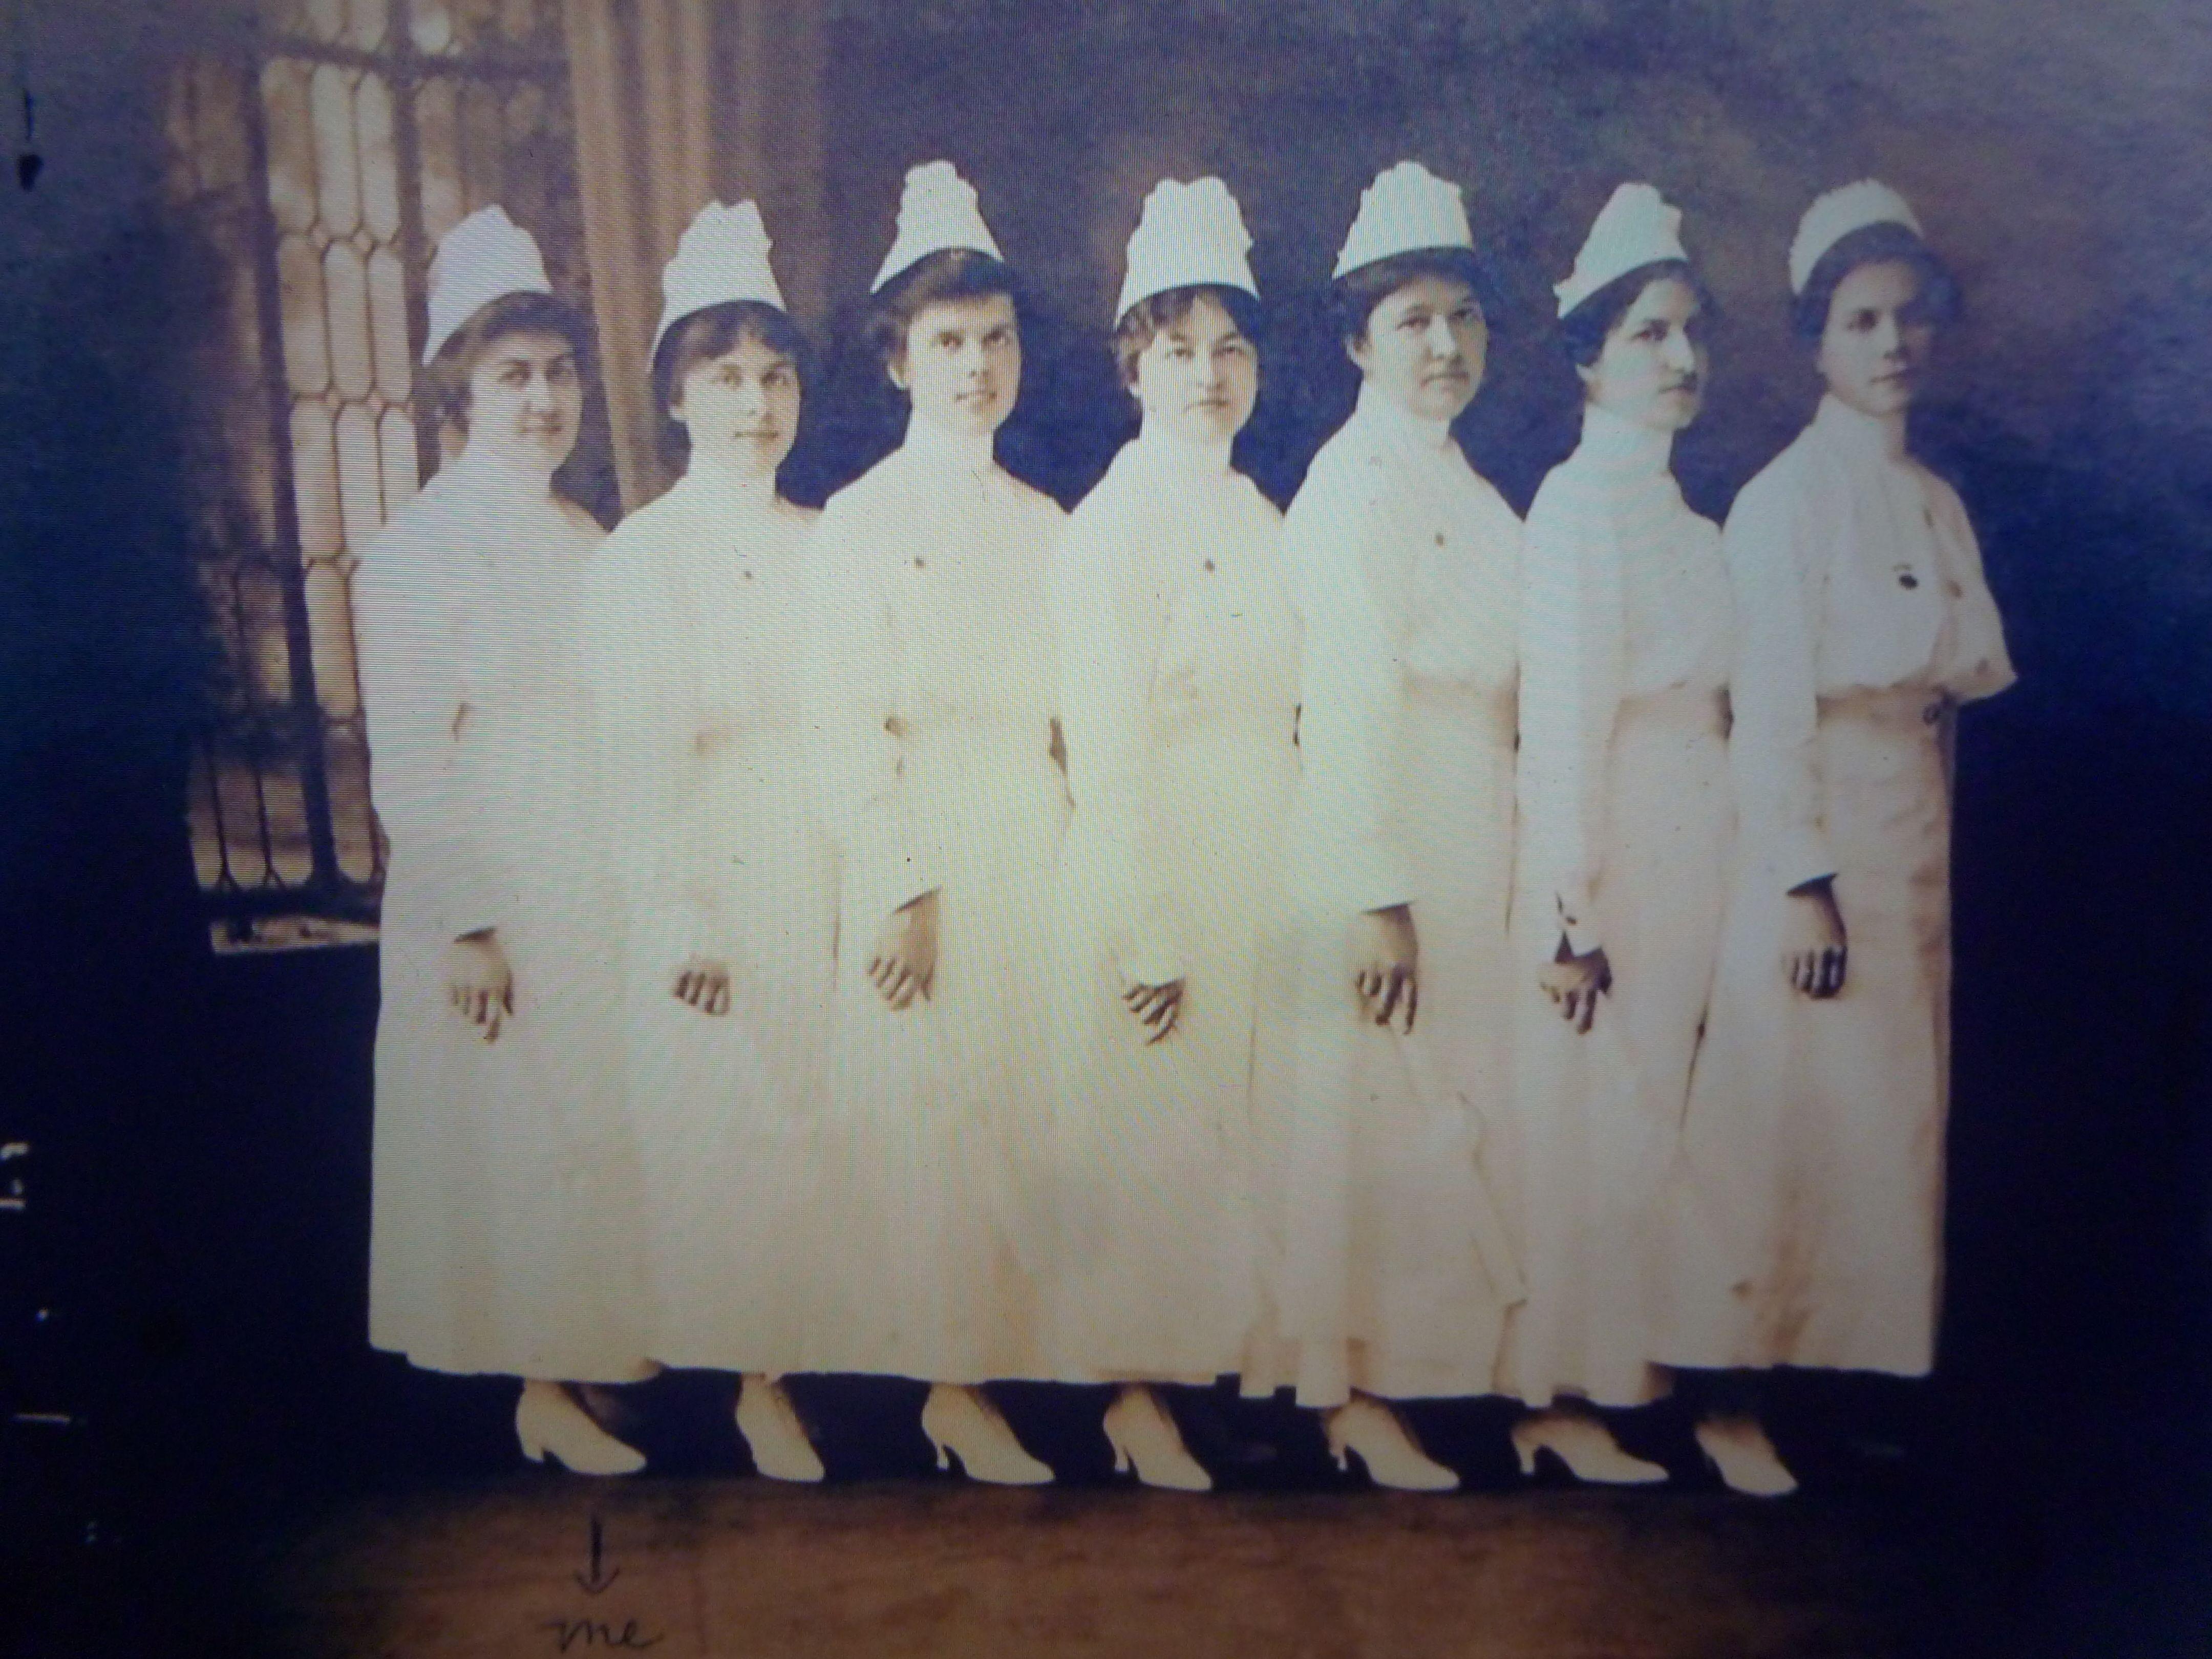 USA 7 verpleegsters op een rij eind jaren 10.